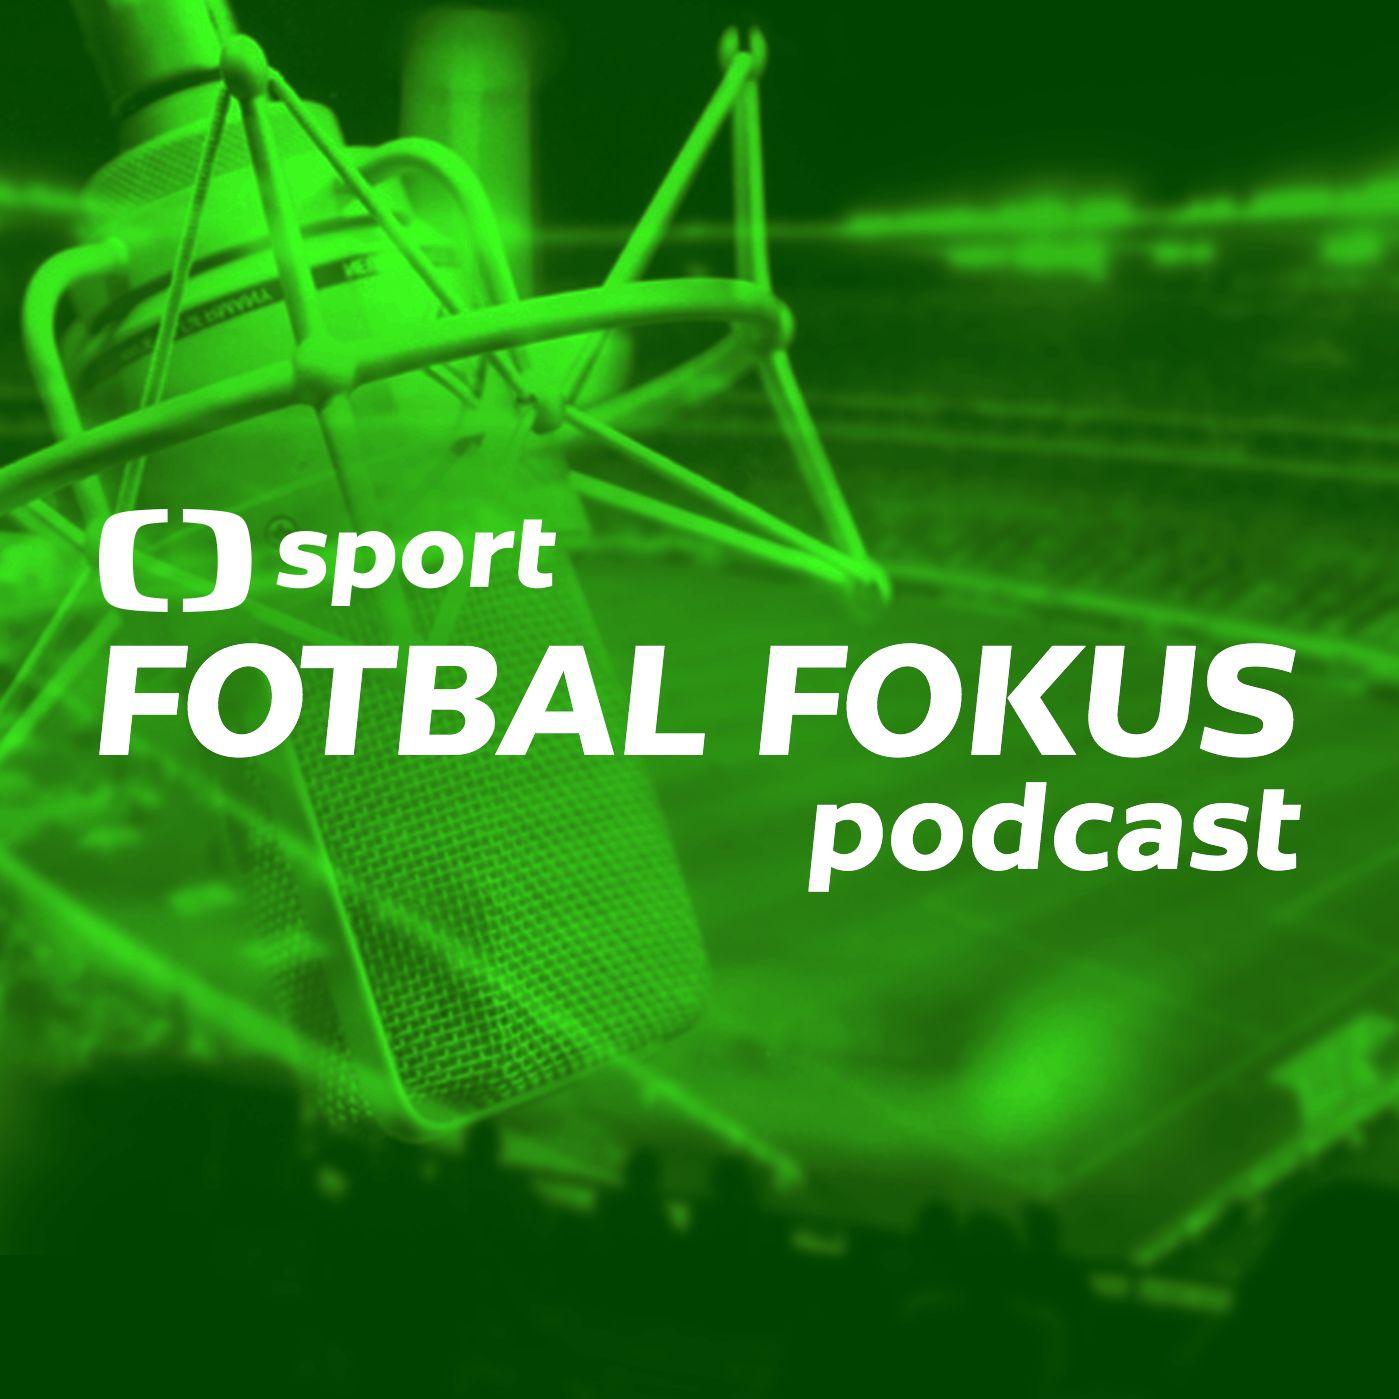 Fotbal fokus podcast: Měla by mít Slavia s Trpišovským trpělivost?